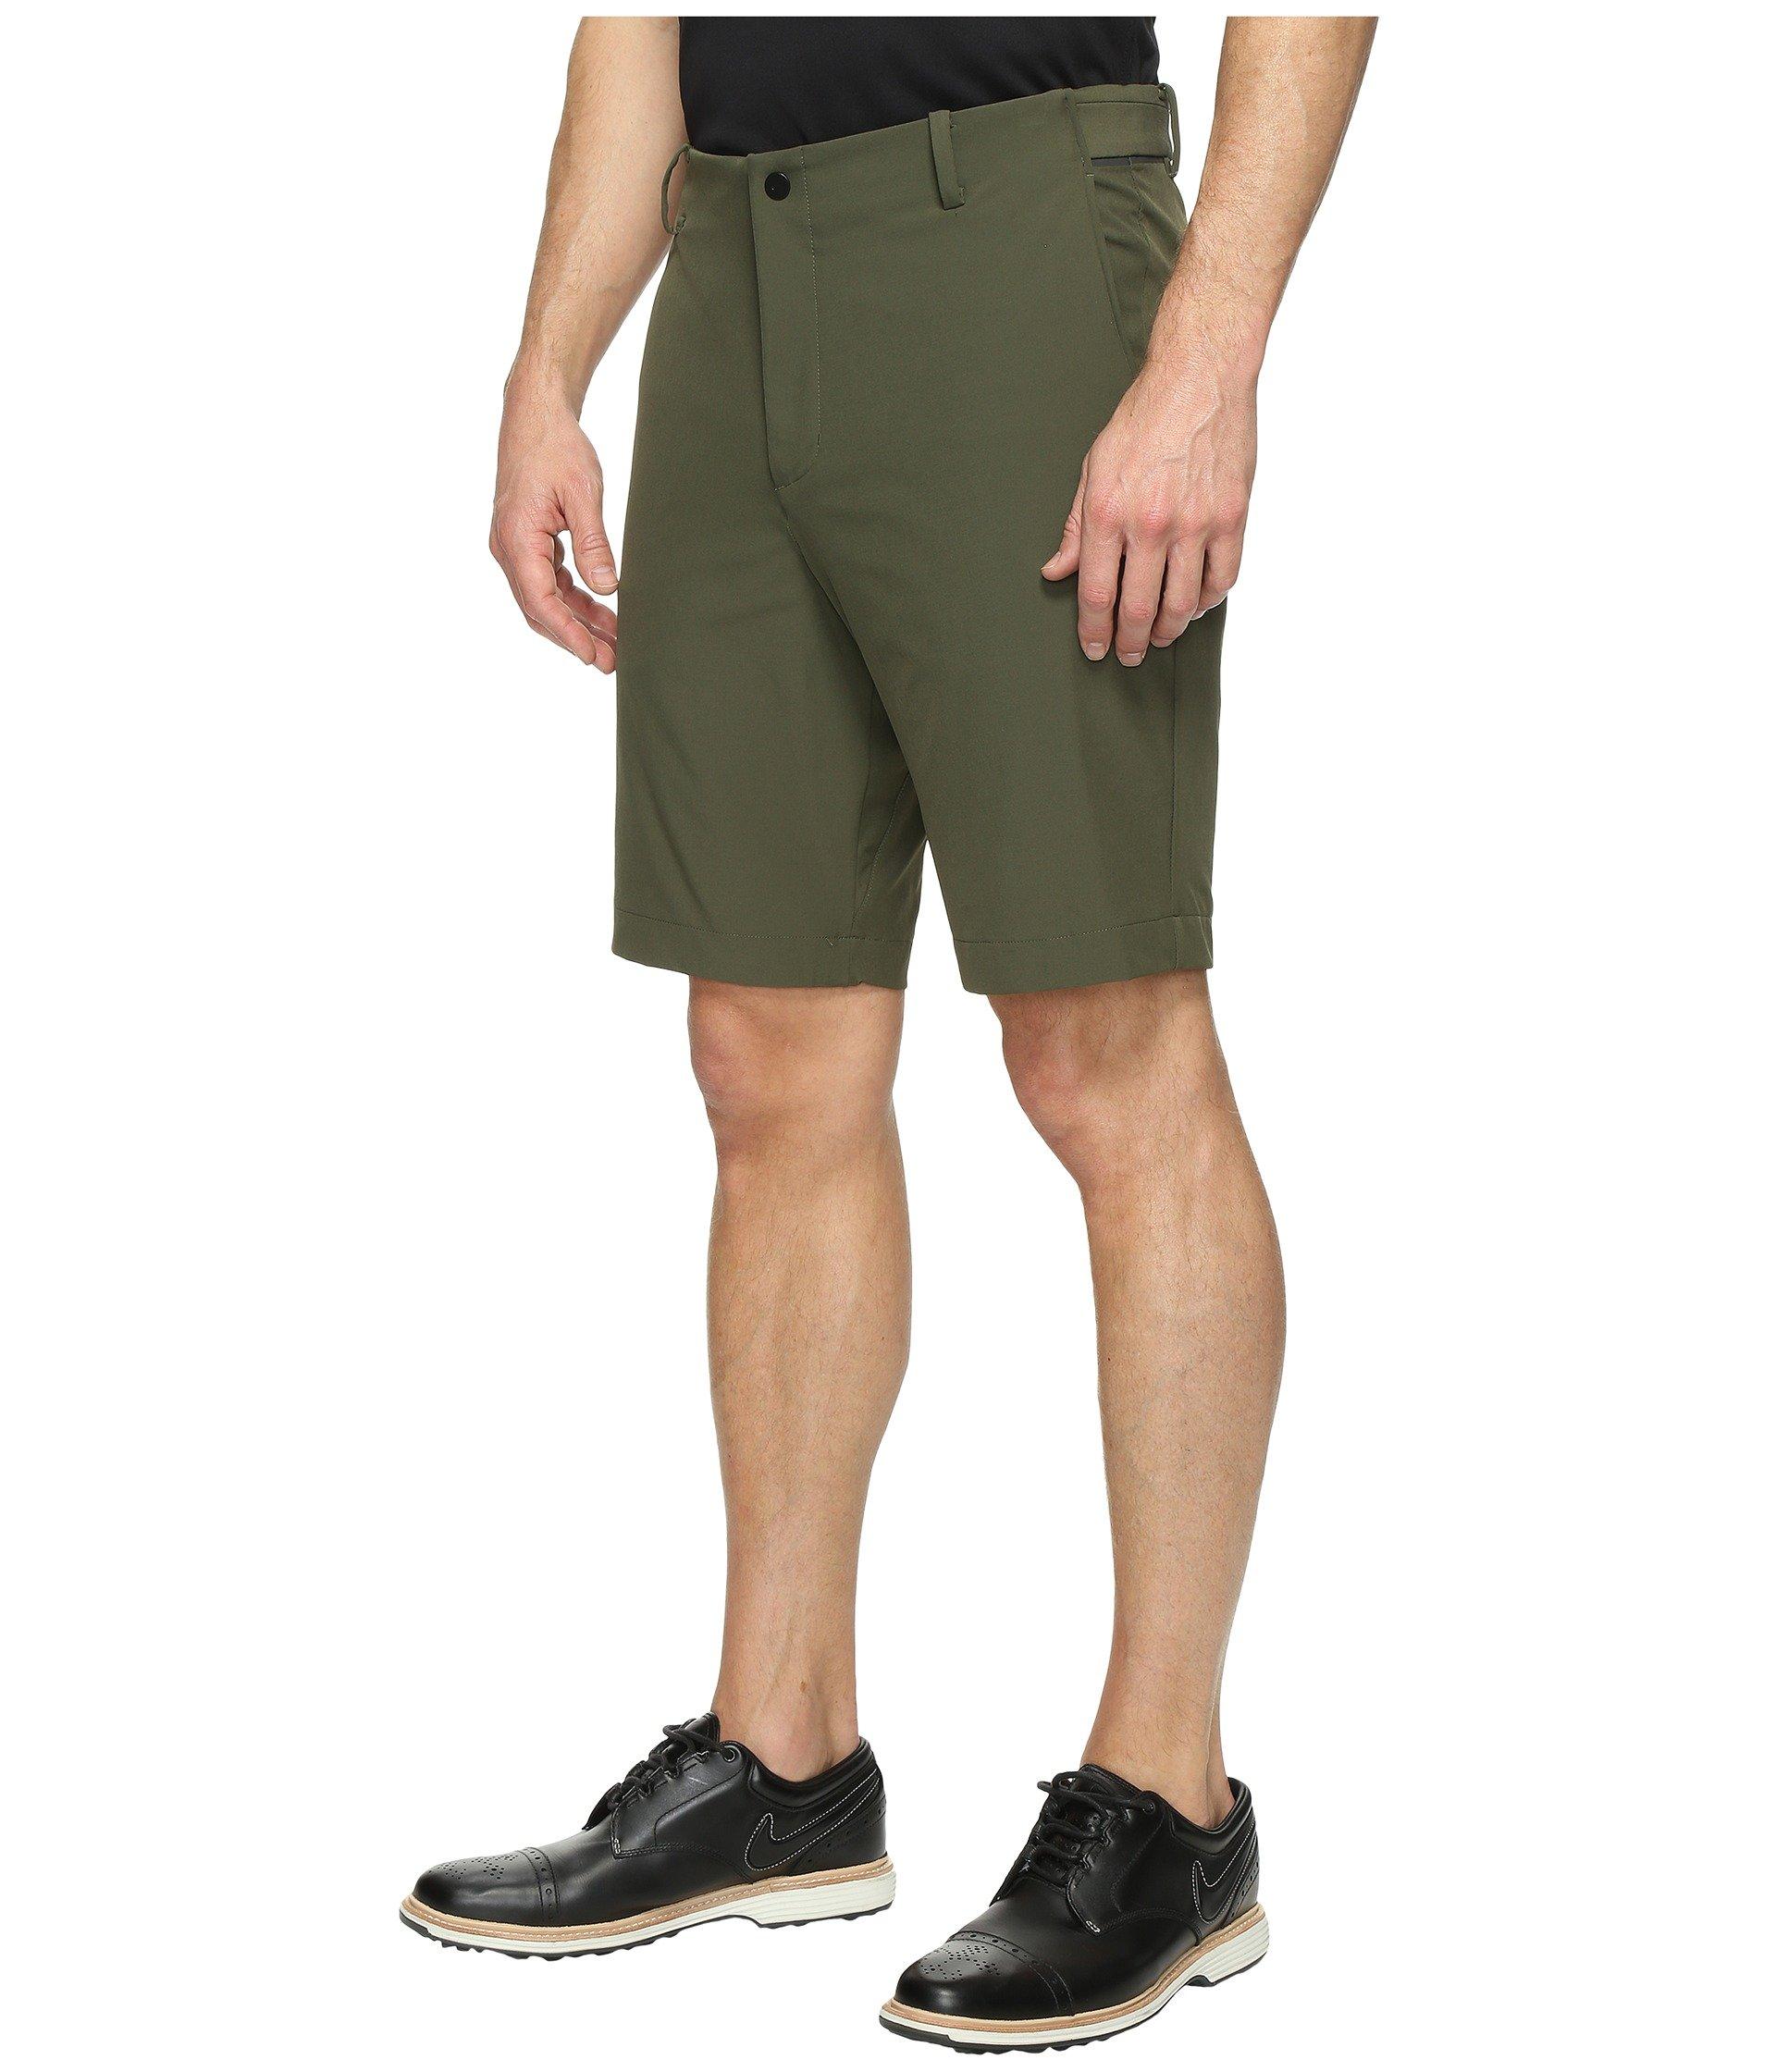 Black Golf Shoes With Khaki Shorts